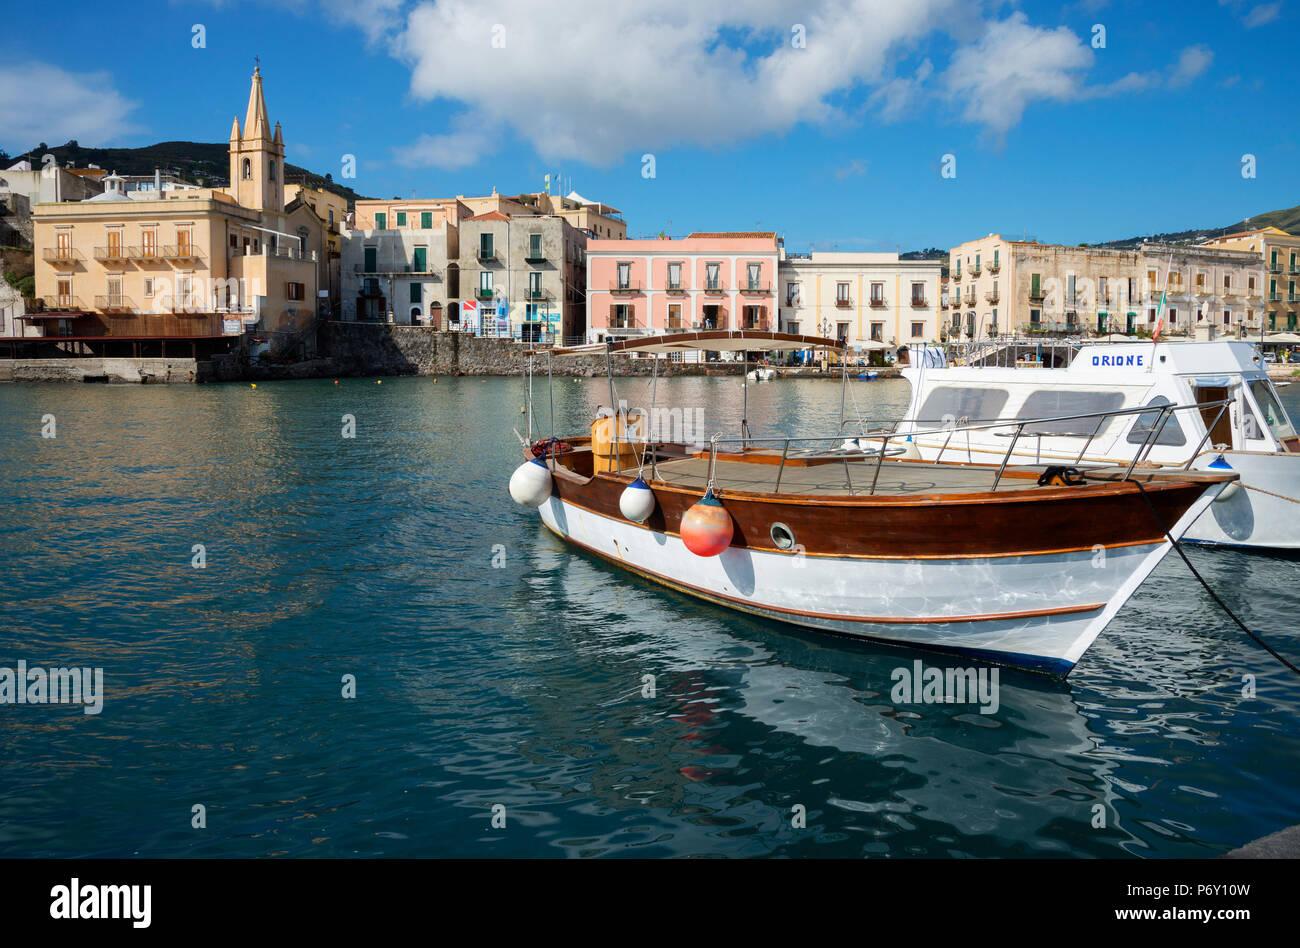 Marina Corta Harbour e San Giuseppe chiesa, Isola di Lipari, Isole Eolie, Sito Patrimonio Mondiale dell'UNESCO, Sicilia, Italia, Mediterraneo, Europa Immagini Stock